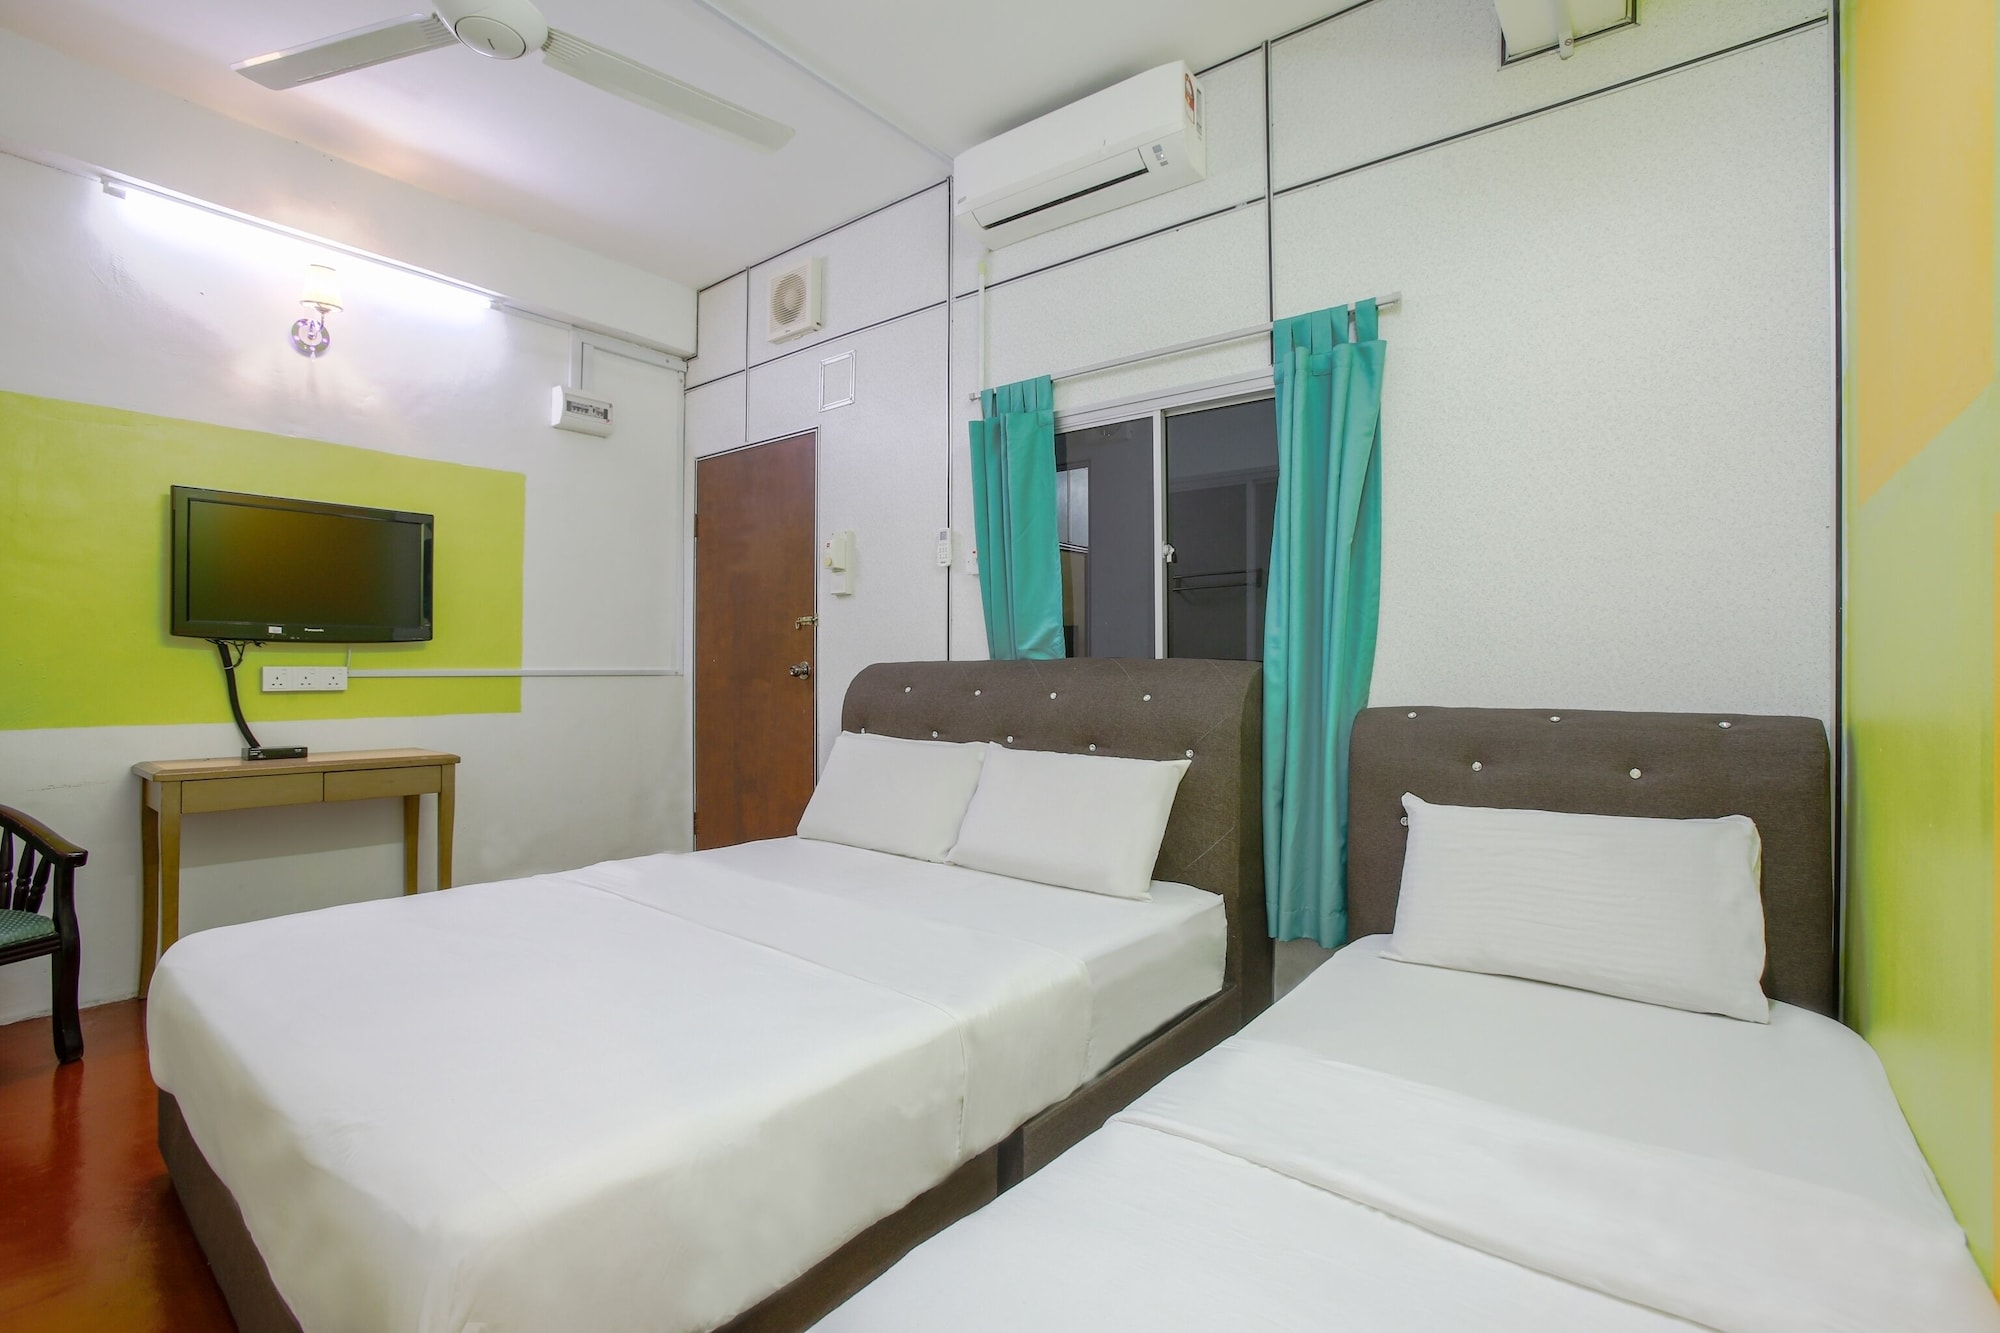 Spot On 89788 Musafir Transit Hotel, Seremban